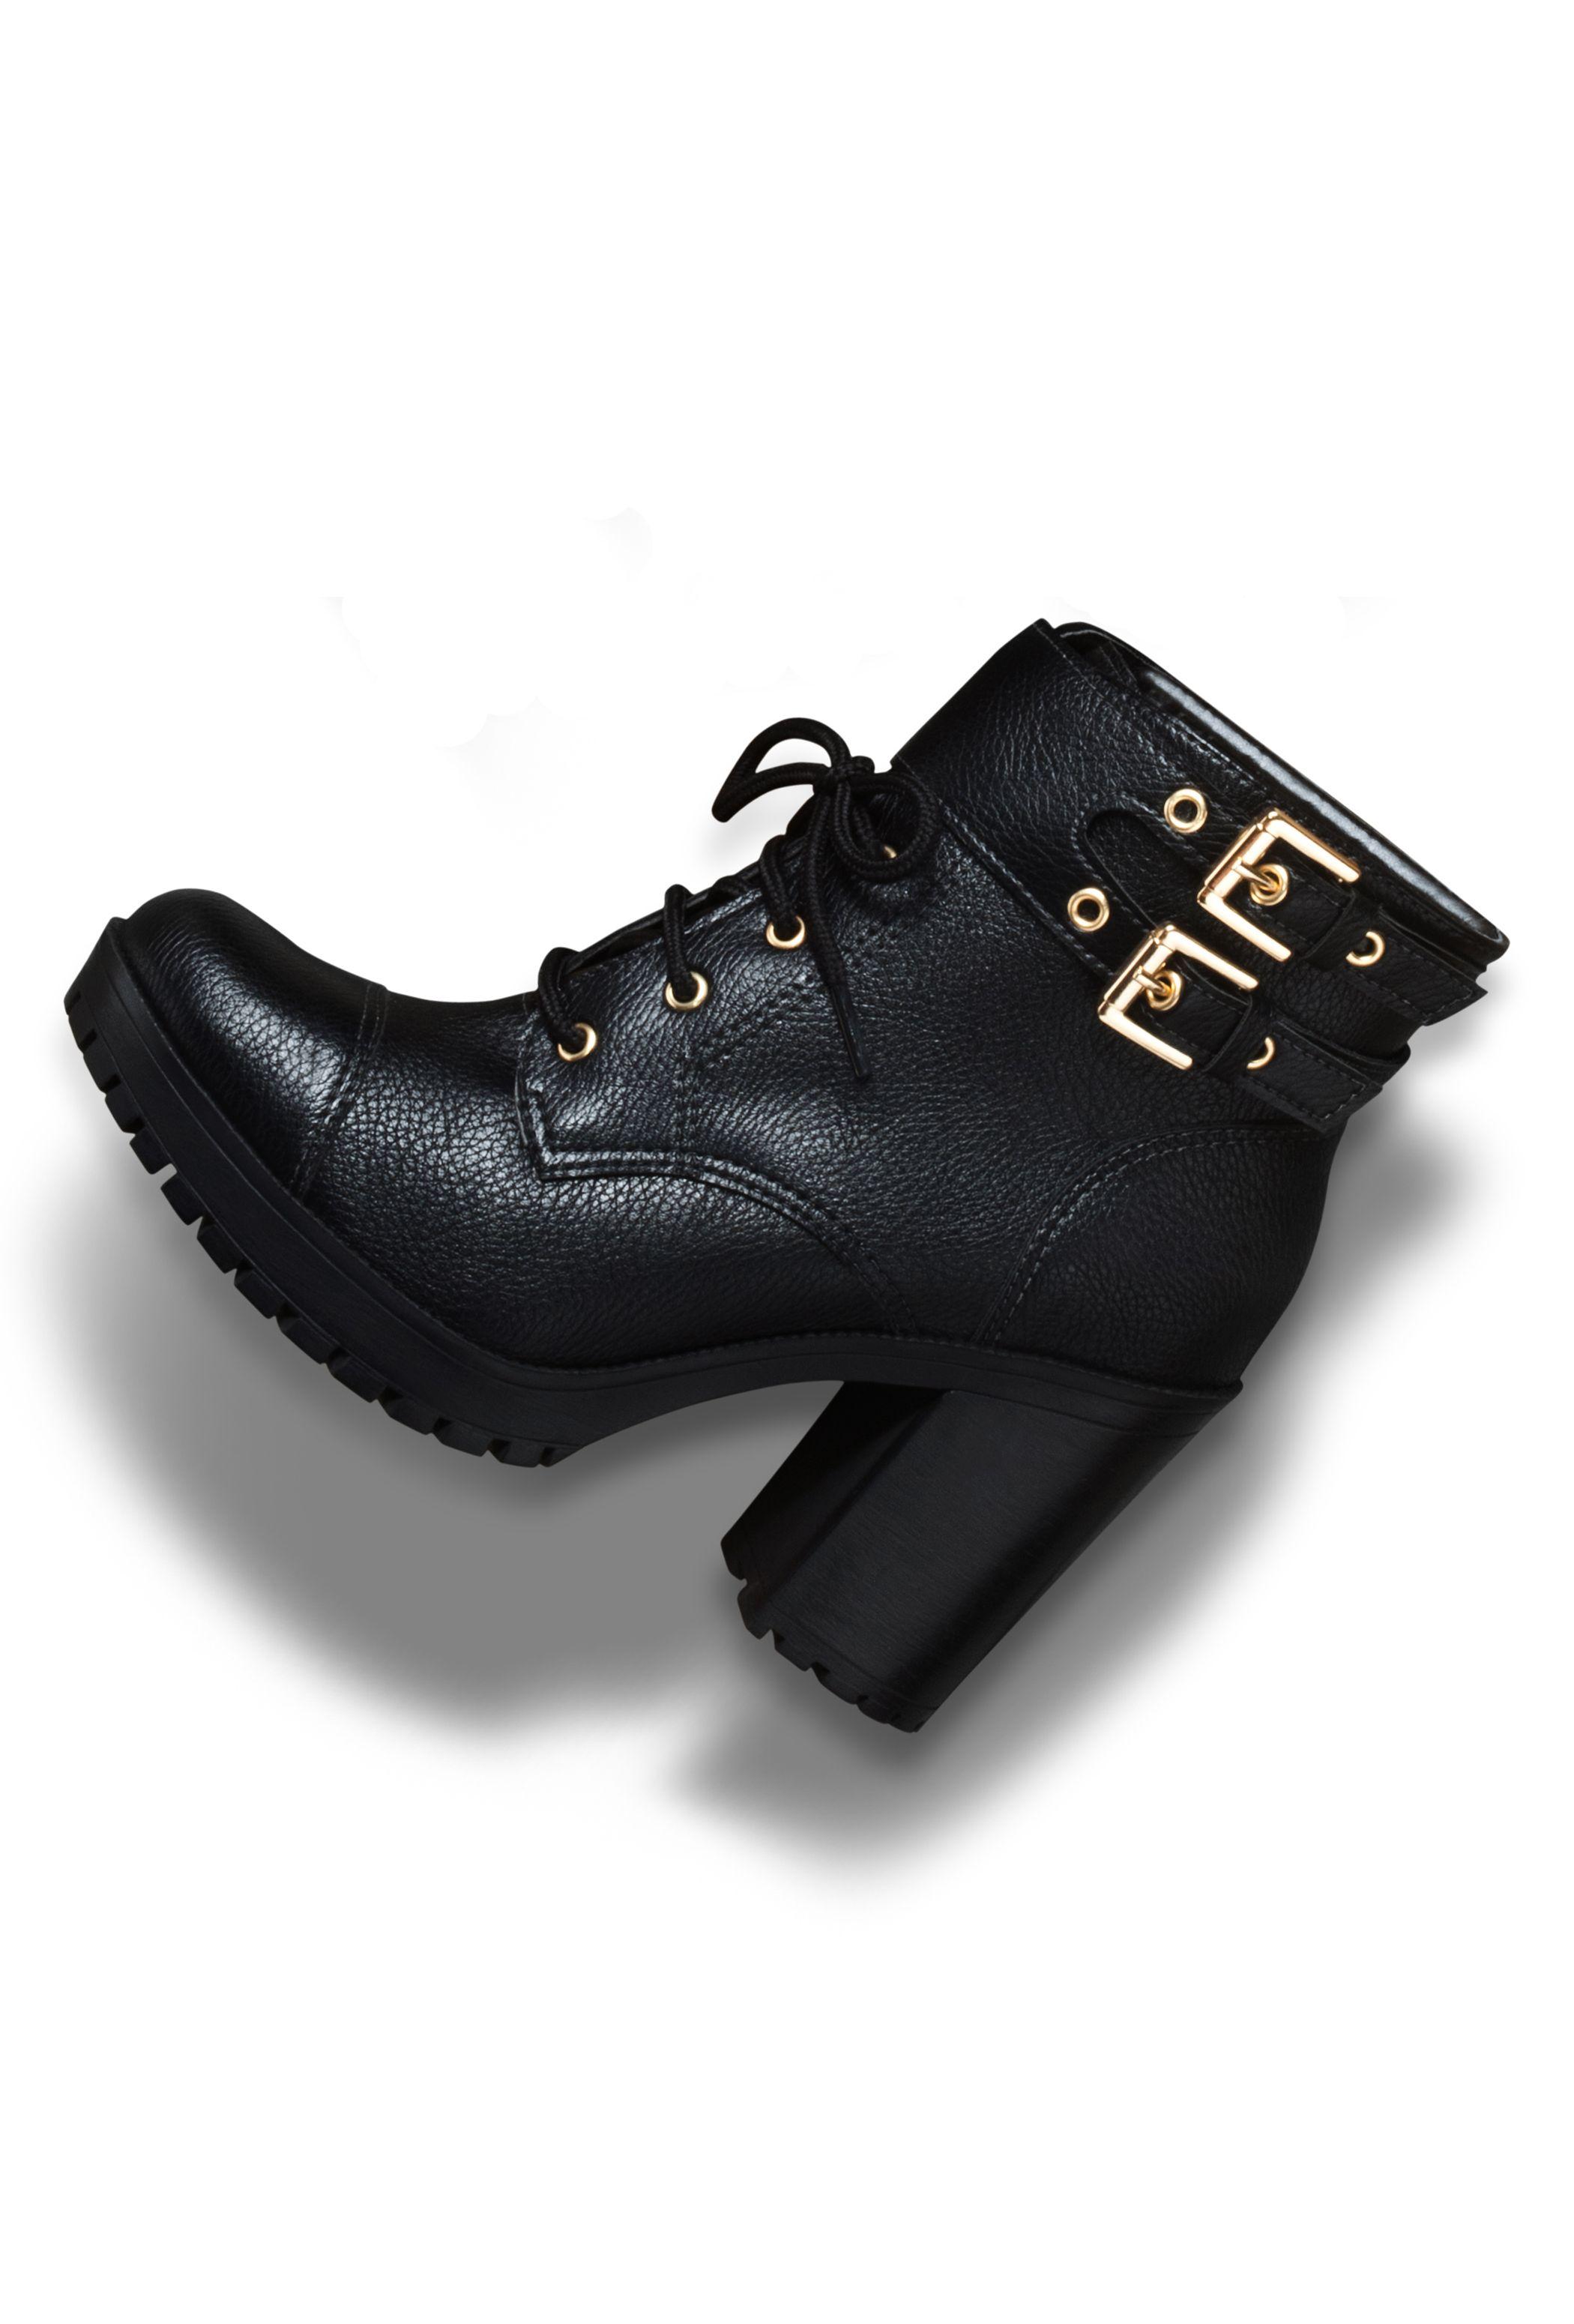 7363845839e7c7 botas de cano curto - coturno de salto alto - winter heels - black ...